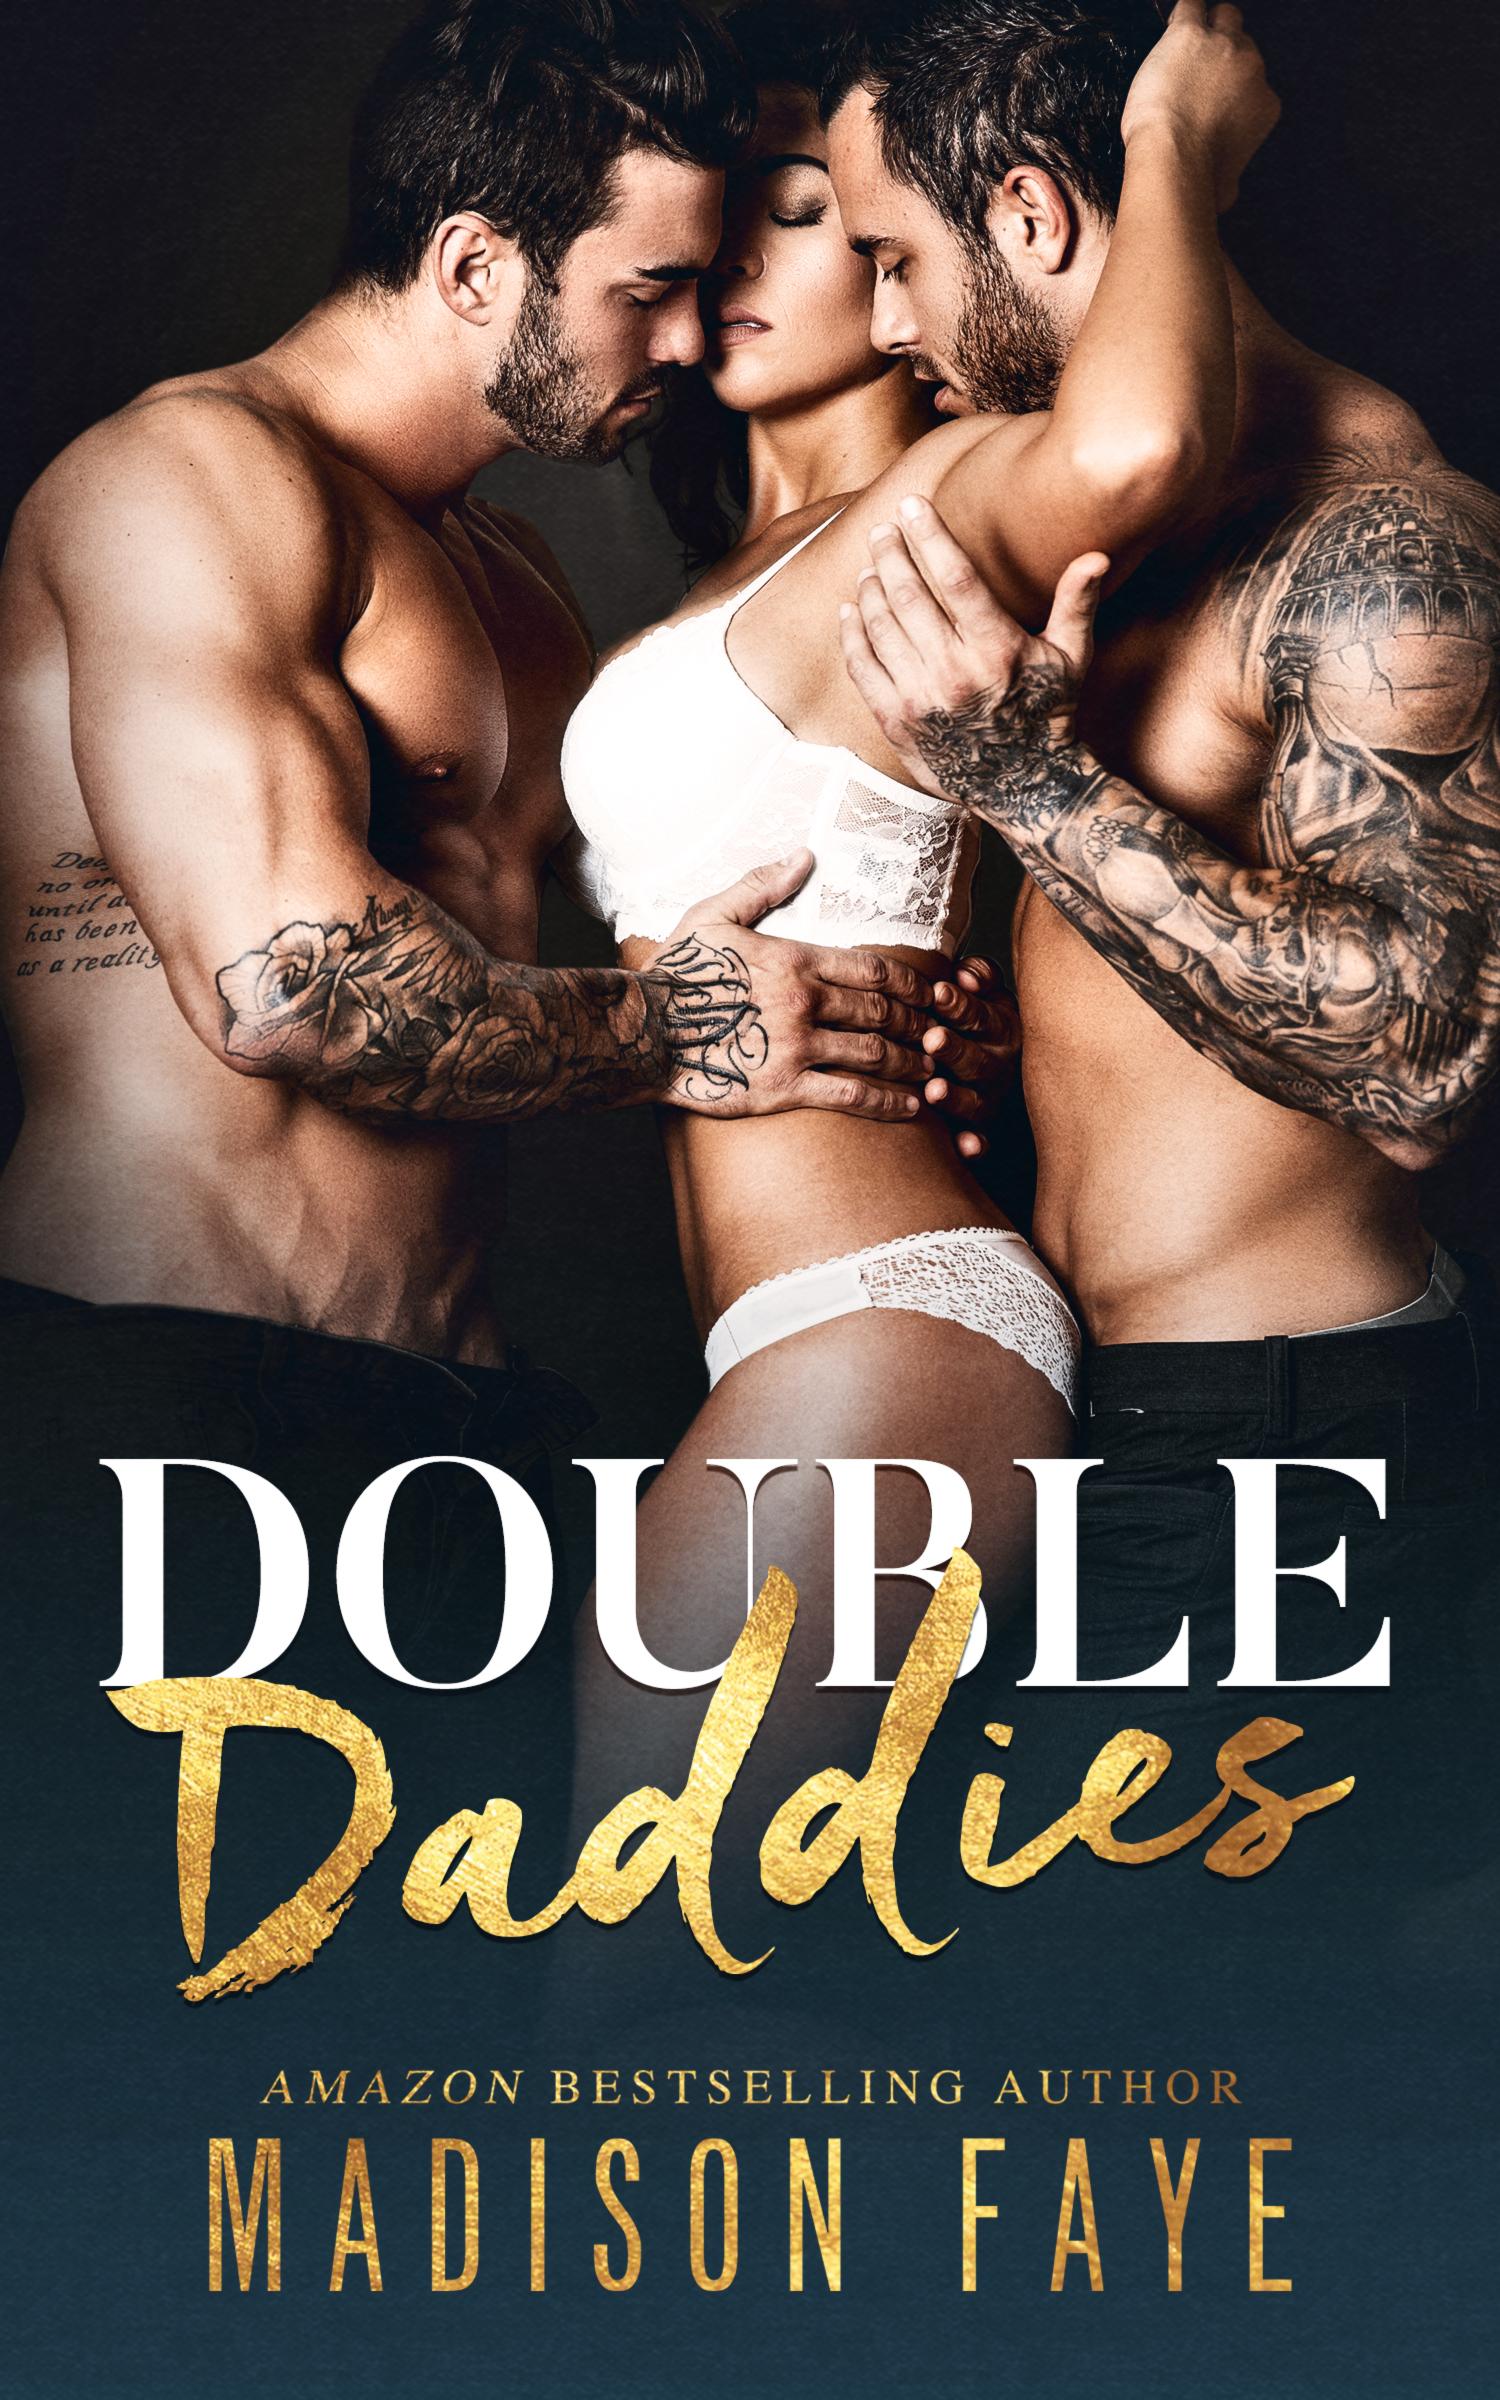 DoubleDaddies.jpg